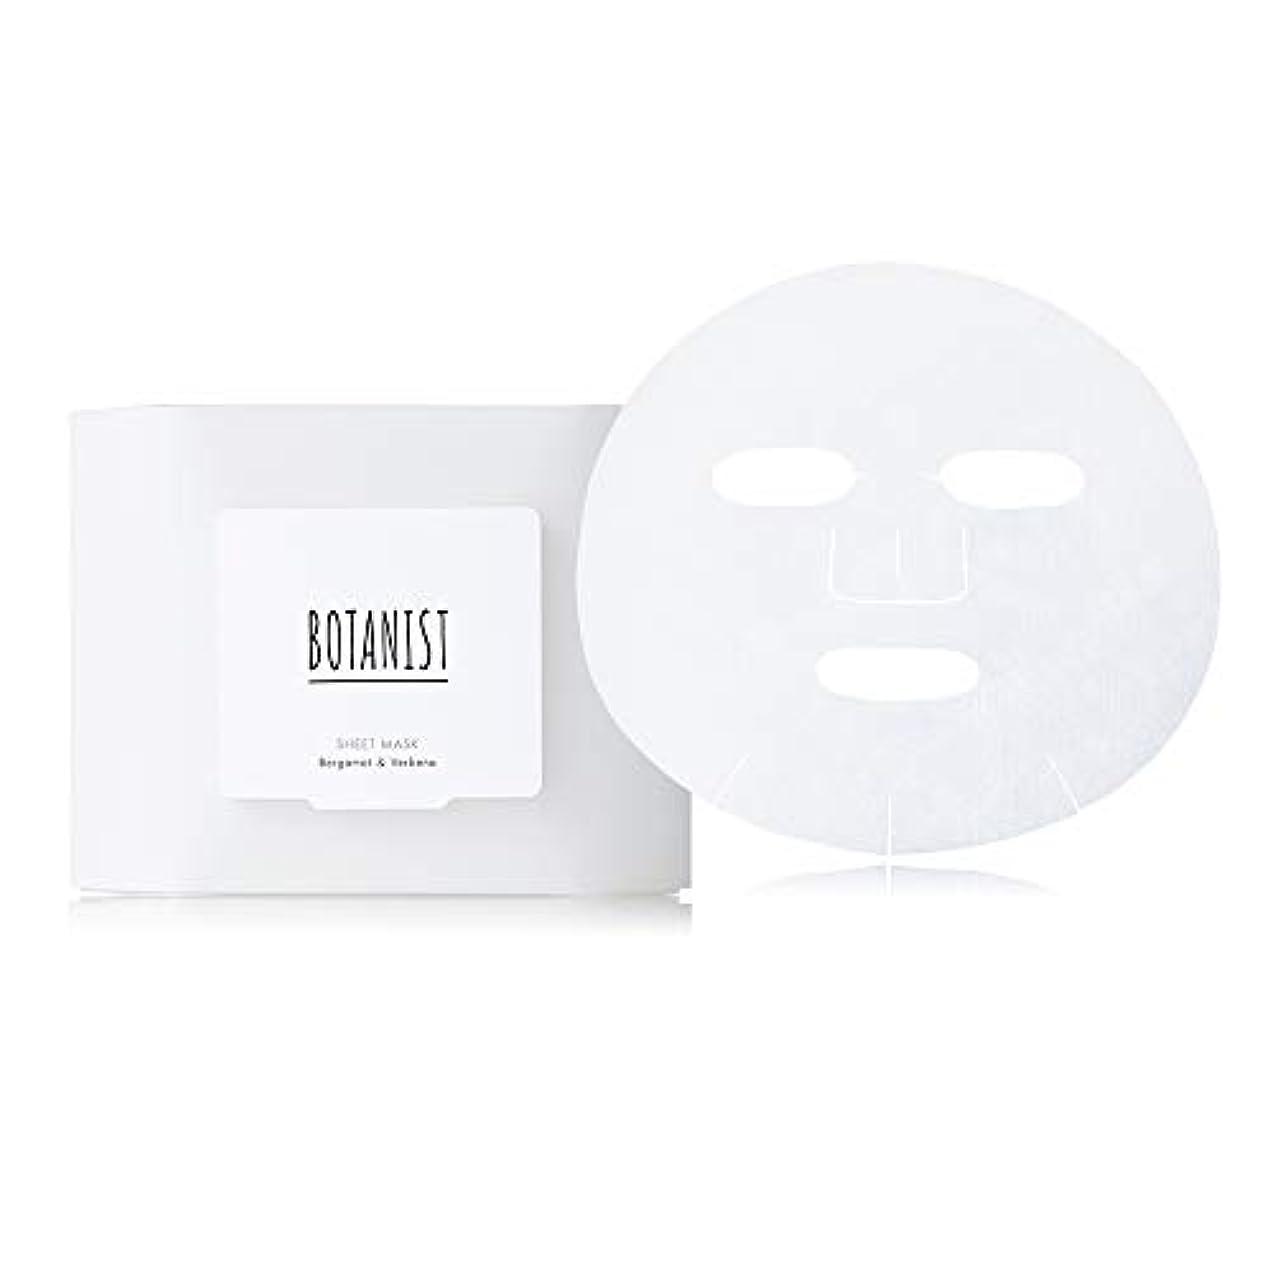 いつもこんにちは現実BOTANIST(ボタニスト) ボタニスト ボタニカルシートマスク フェイスマスク 25枚入り